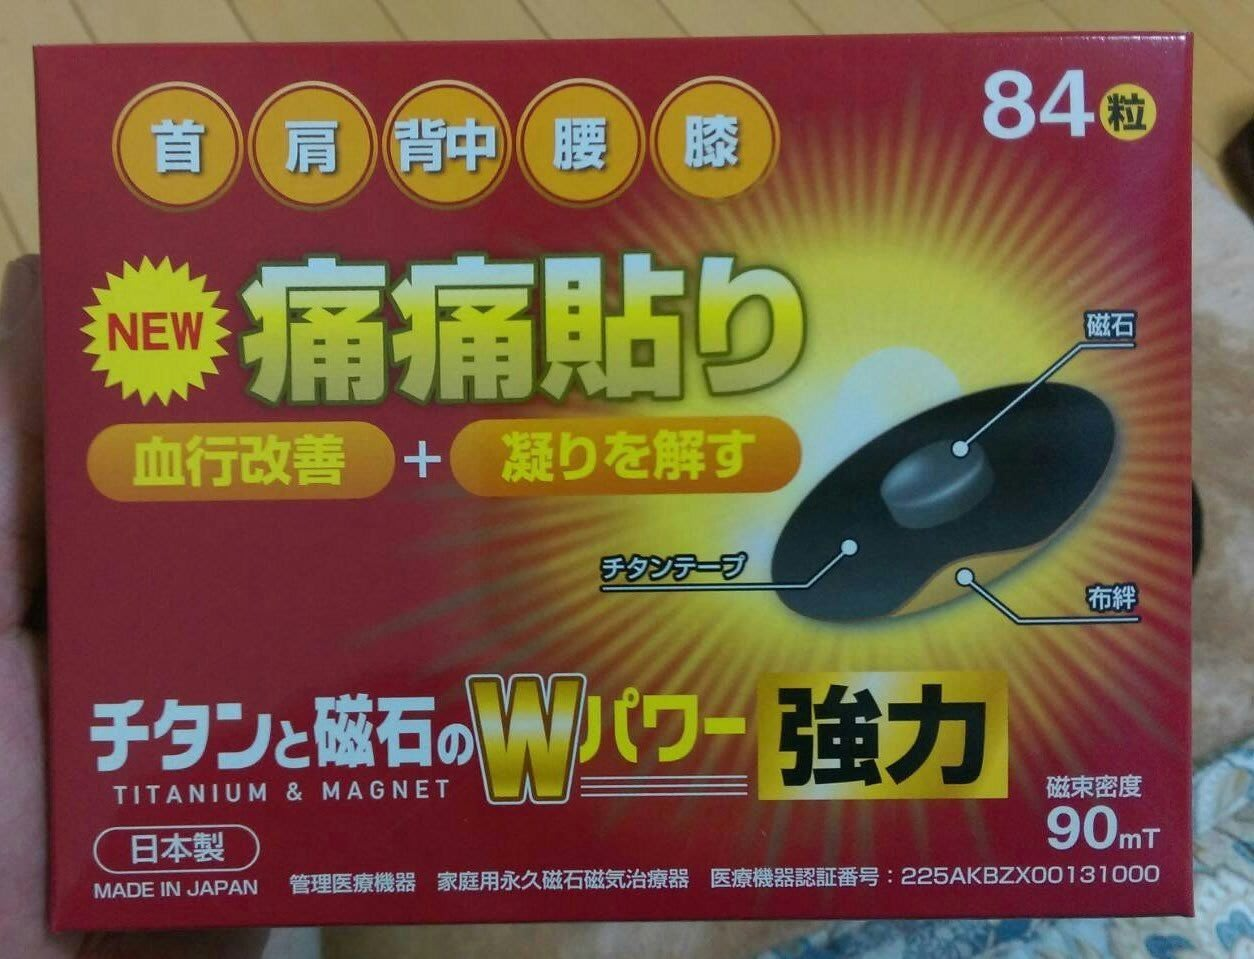 日本原裝 最新款 90mt貼(84粒)~3盒$1800元~需預購